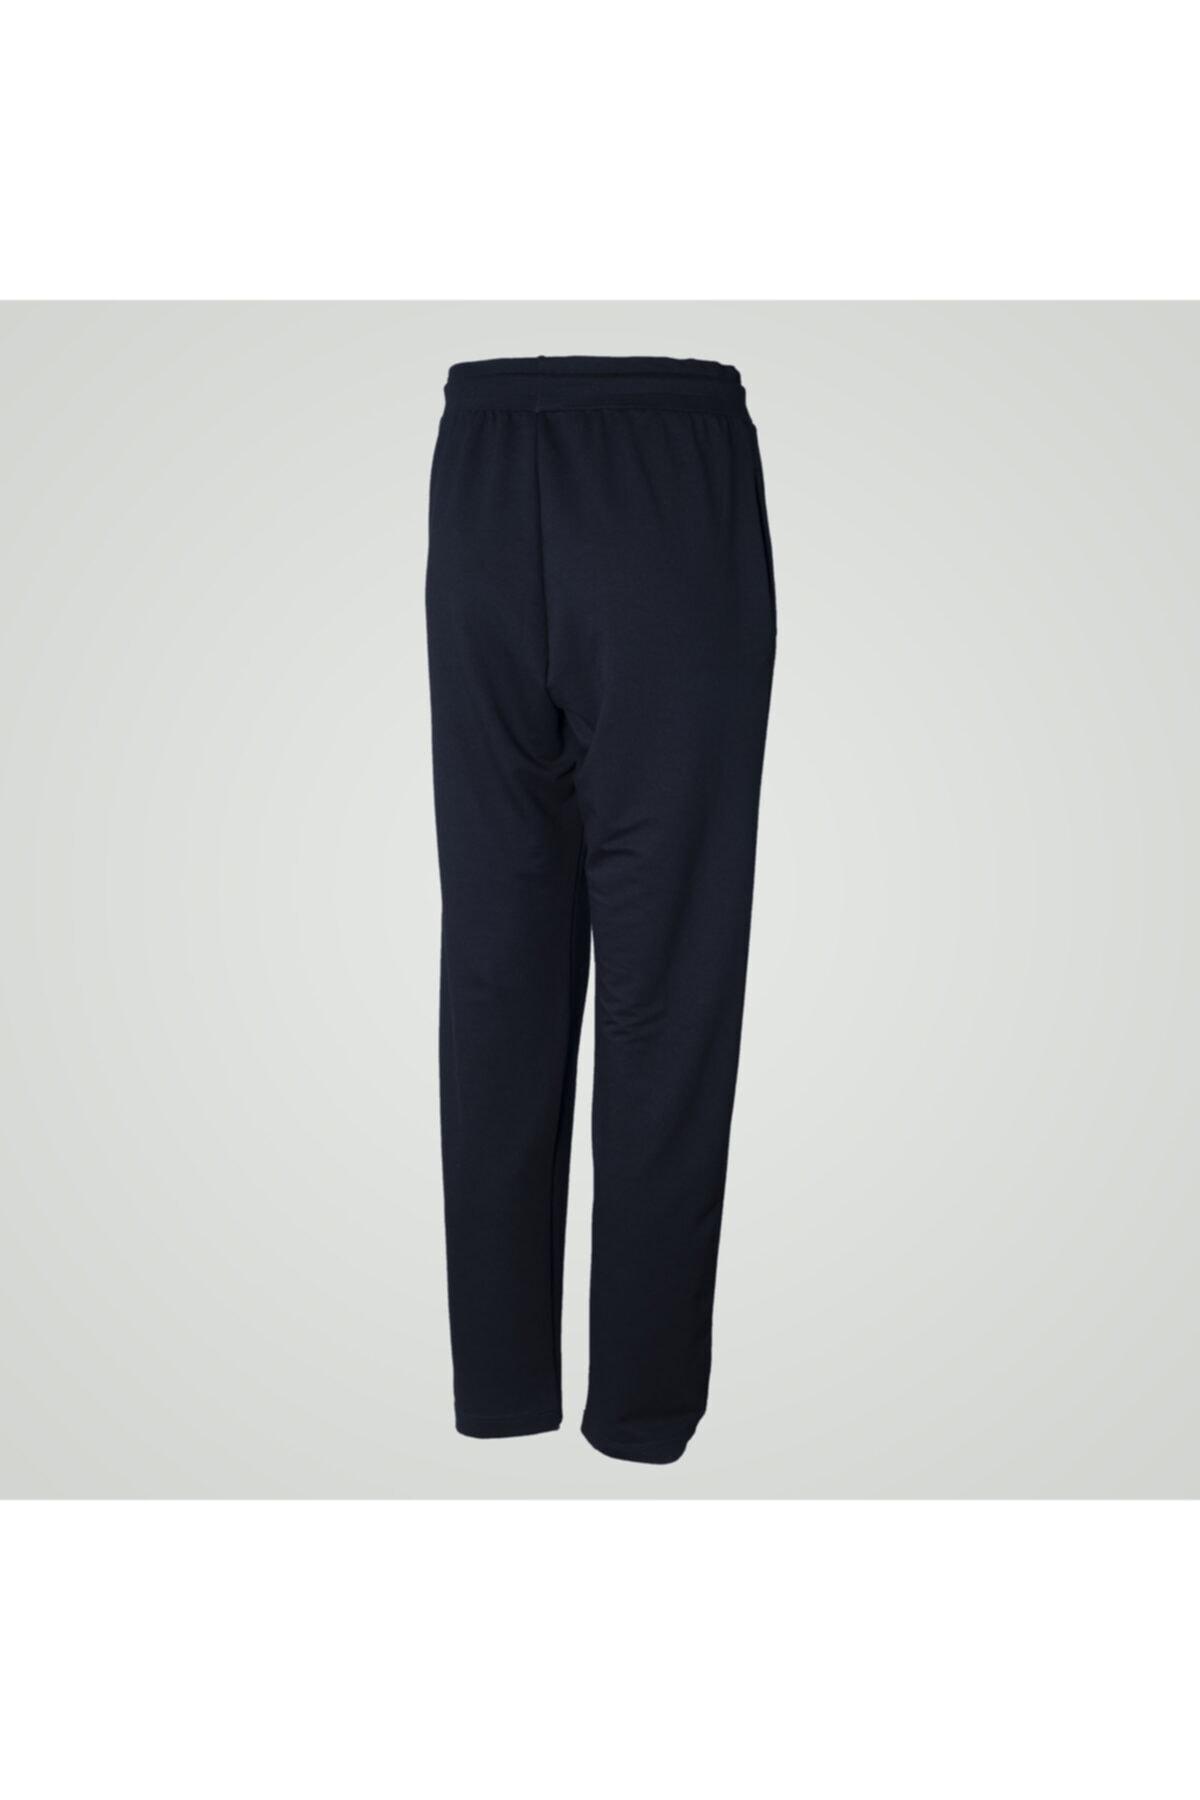 Exuma Erkek Koton Pantolon 2